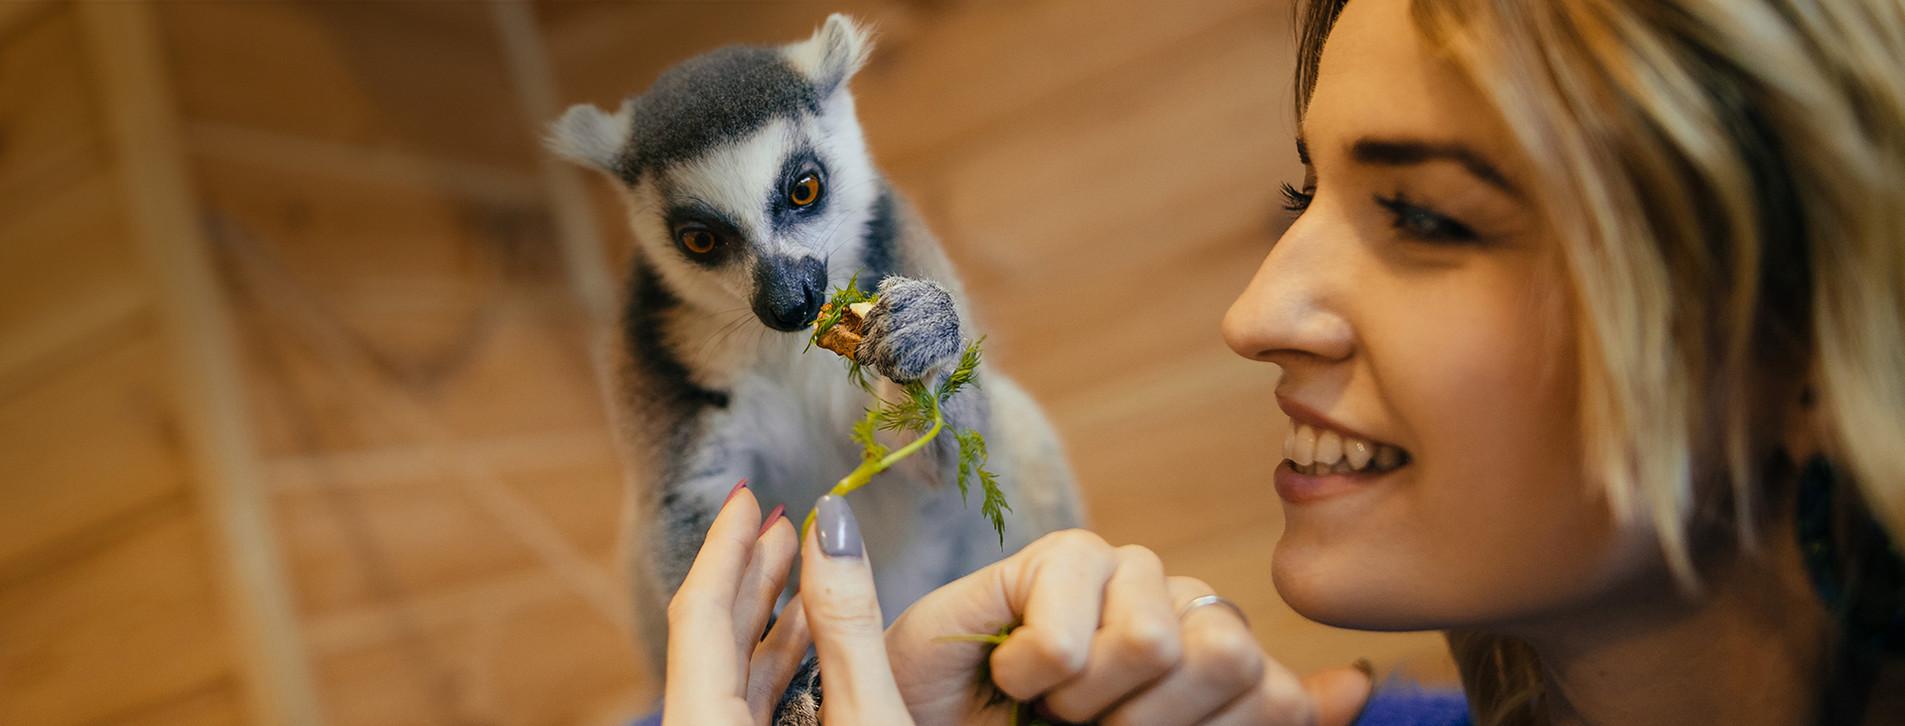 Фото 1 - Контактный зоопарк для компании